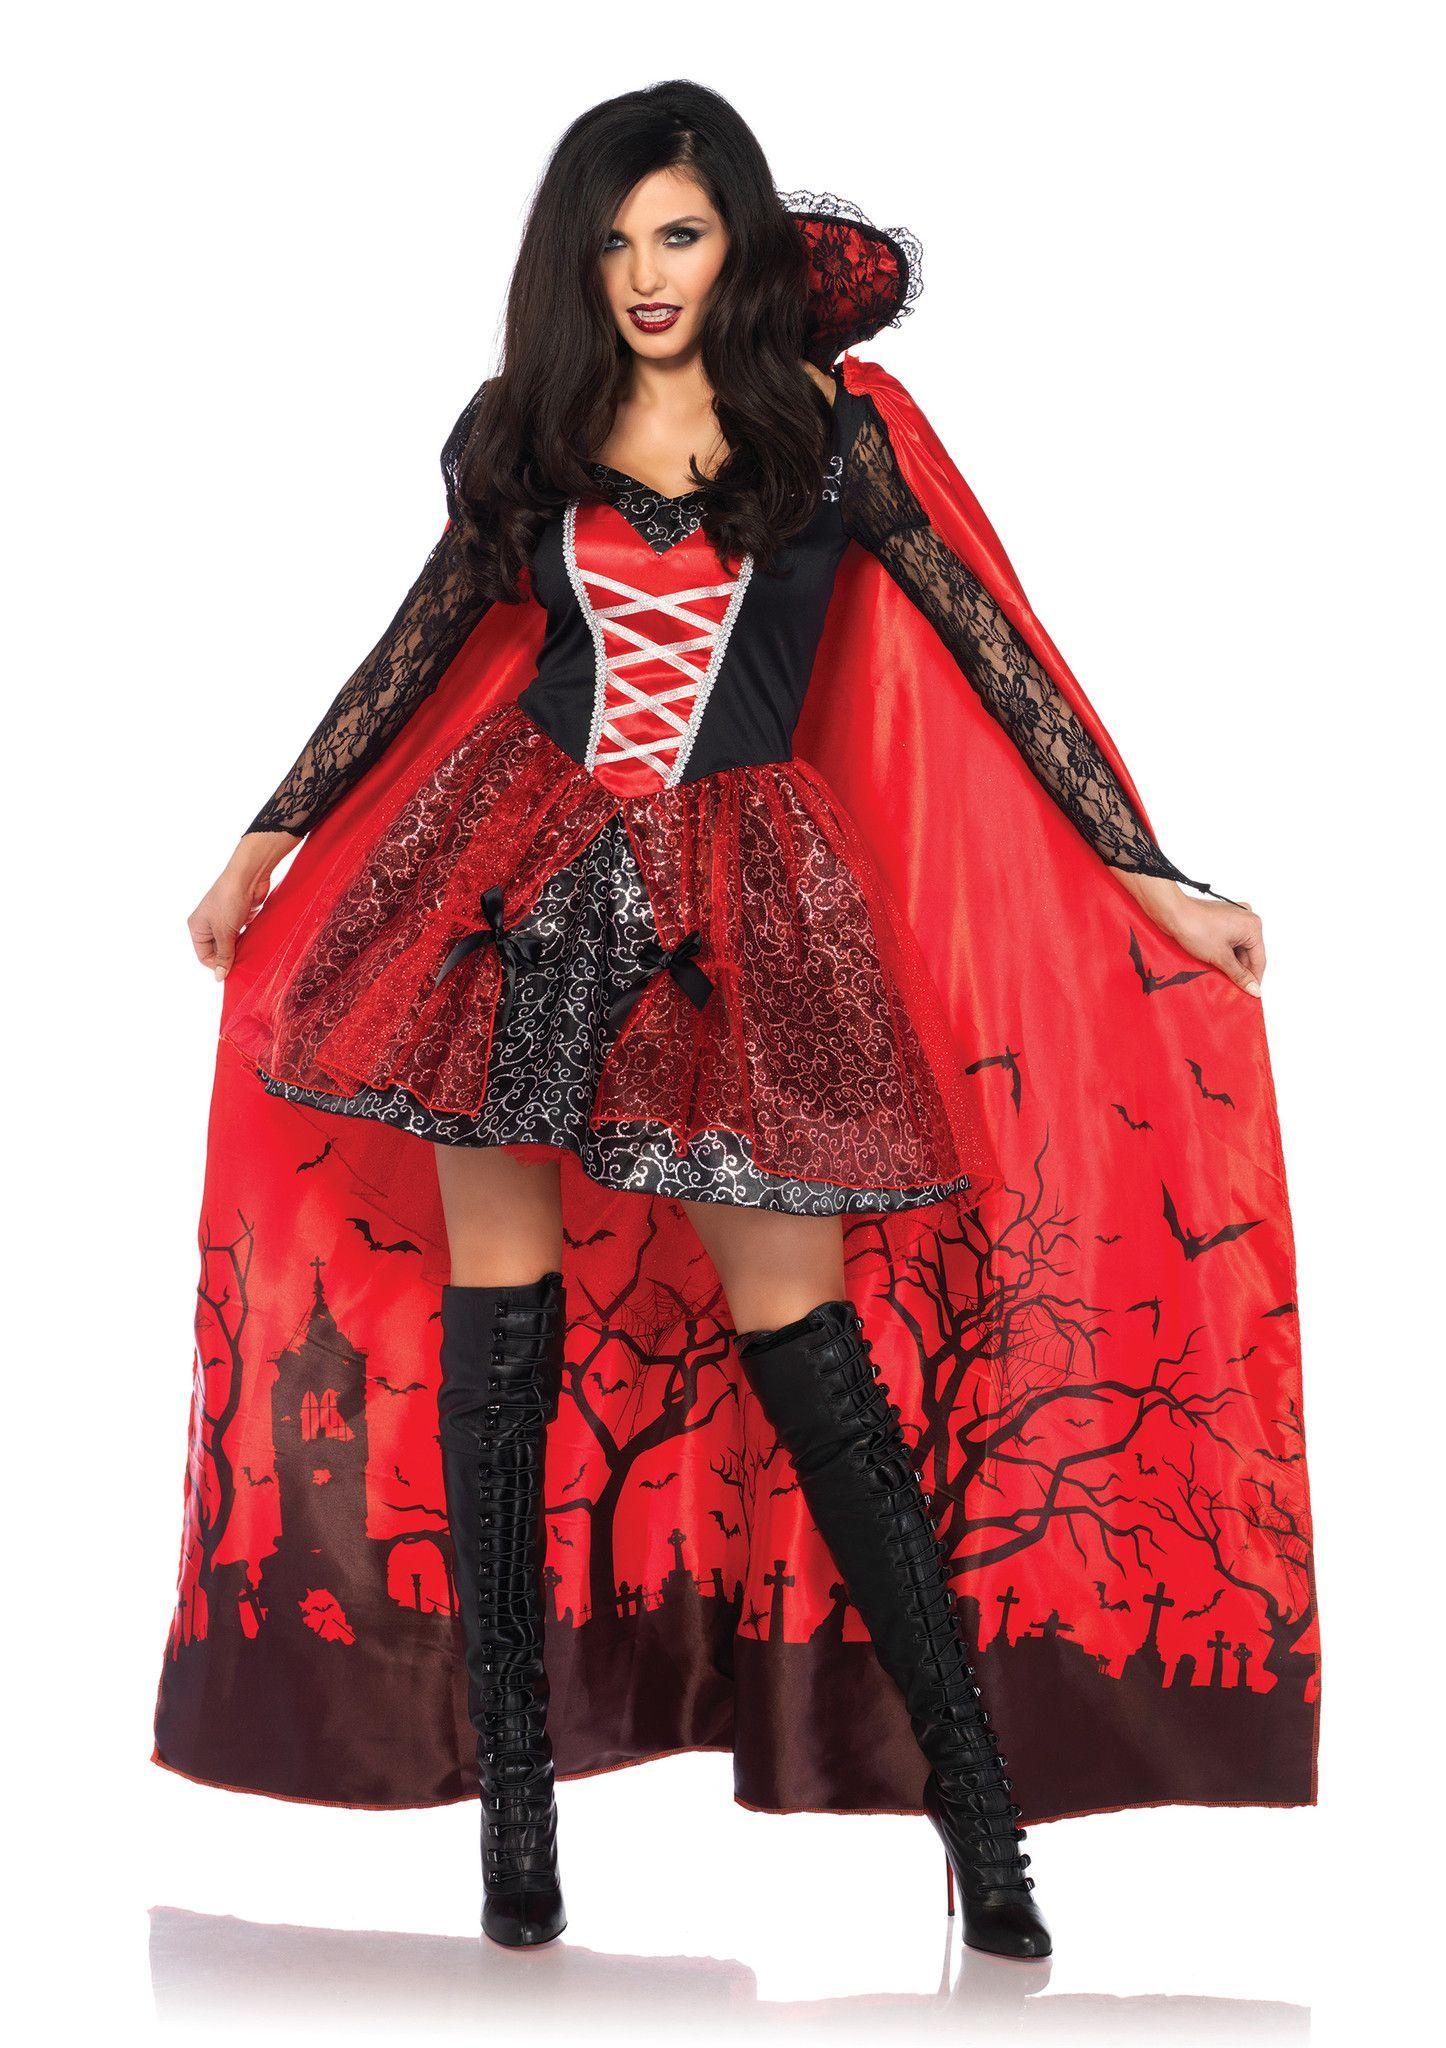 Women's blood thirsty vampire costume